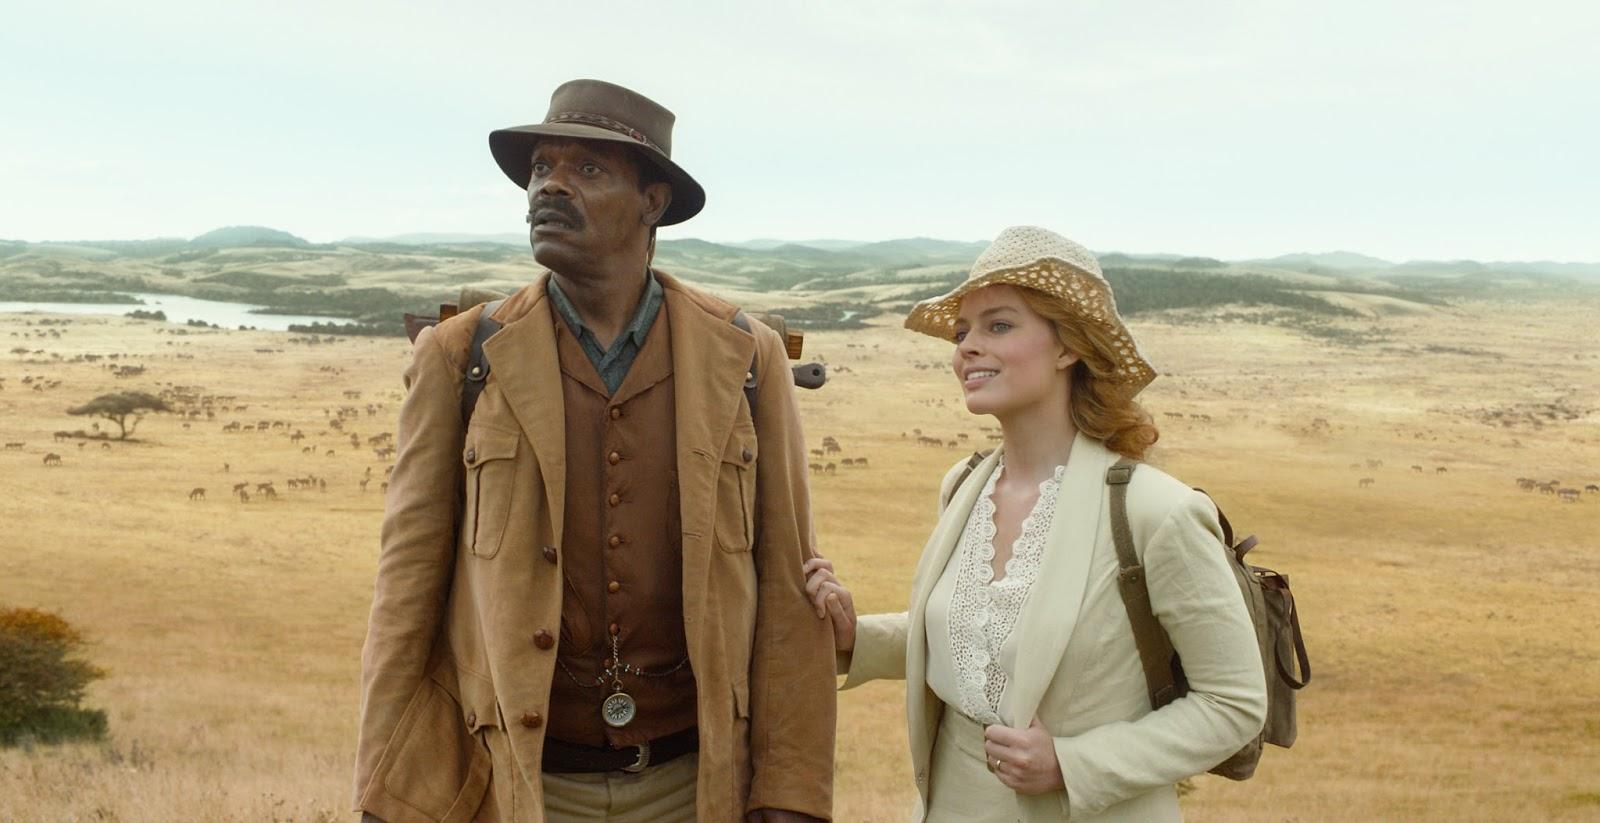 Filme Africano within crítica: a lenda de tarzan | loucosporfilmes